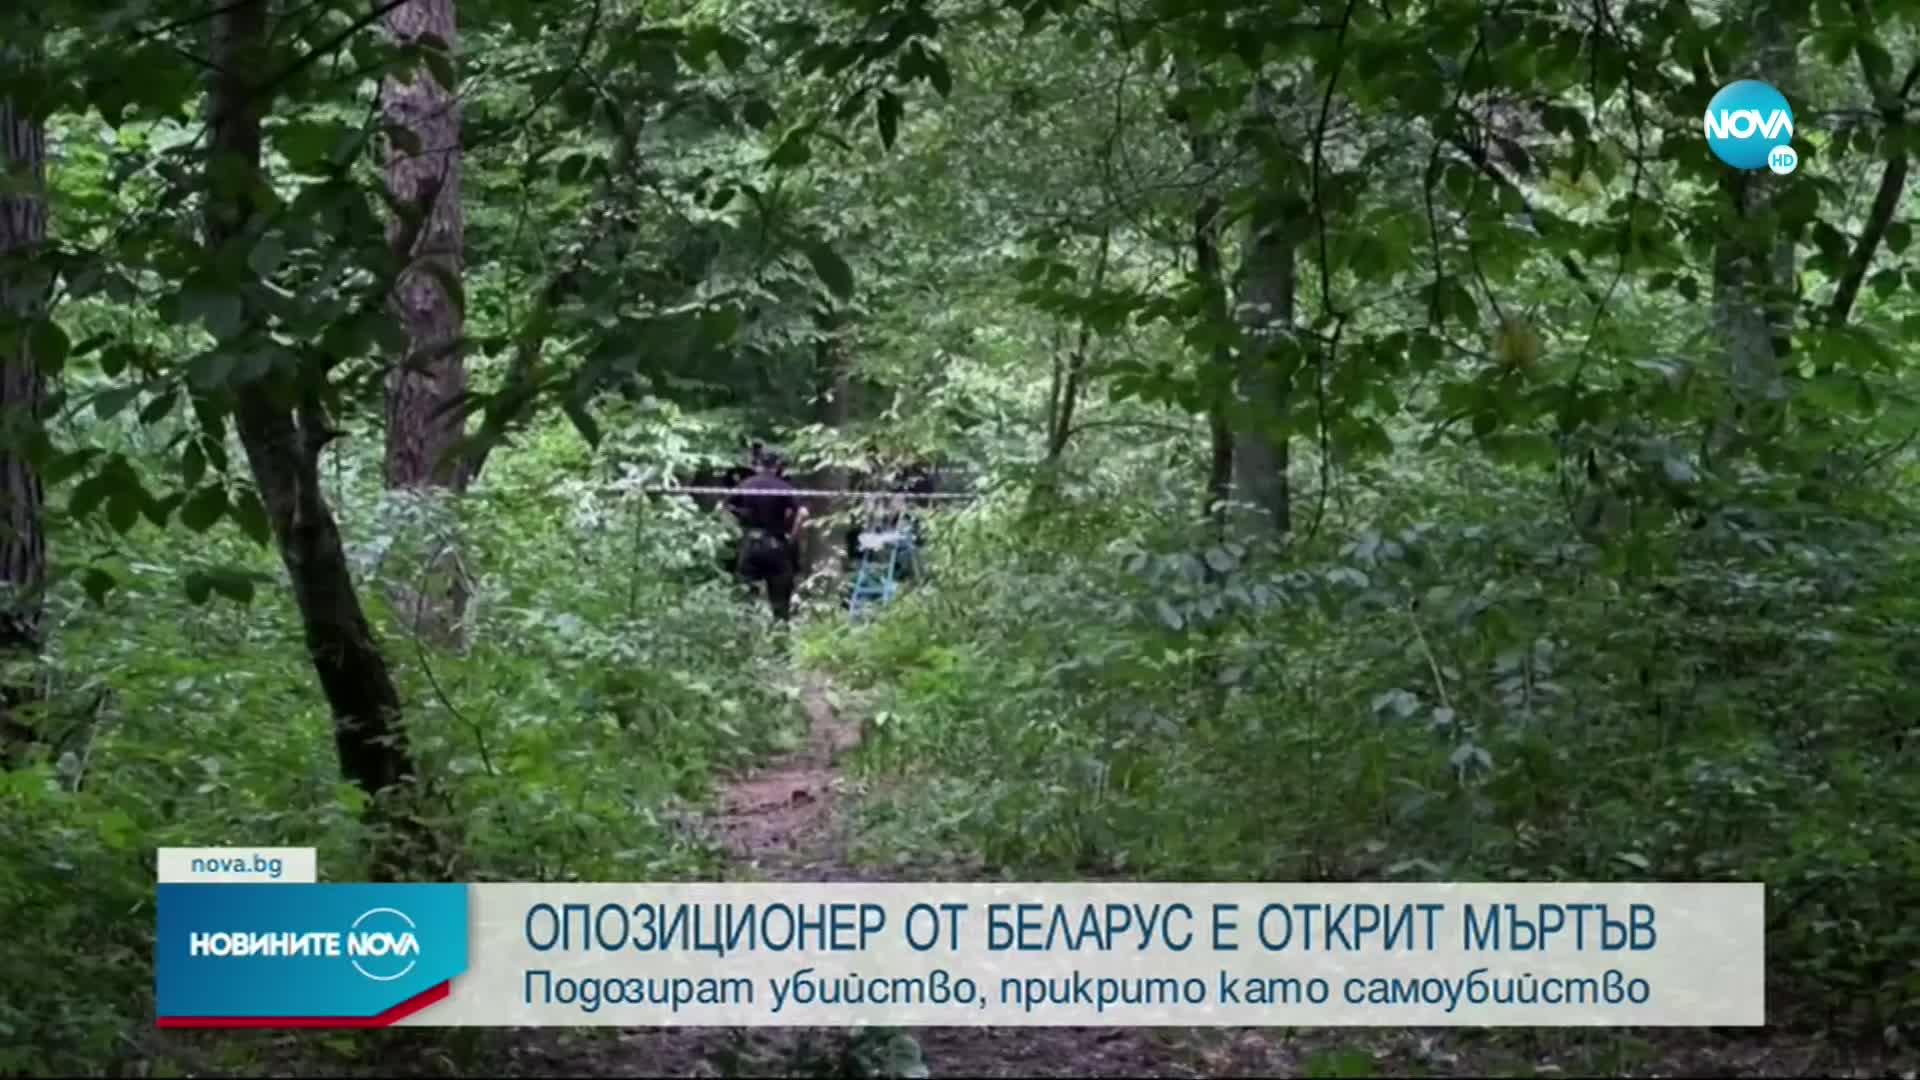 Беларуски опозиционер бе открит мъртъв